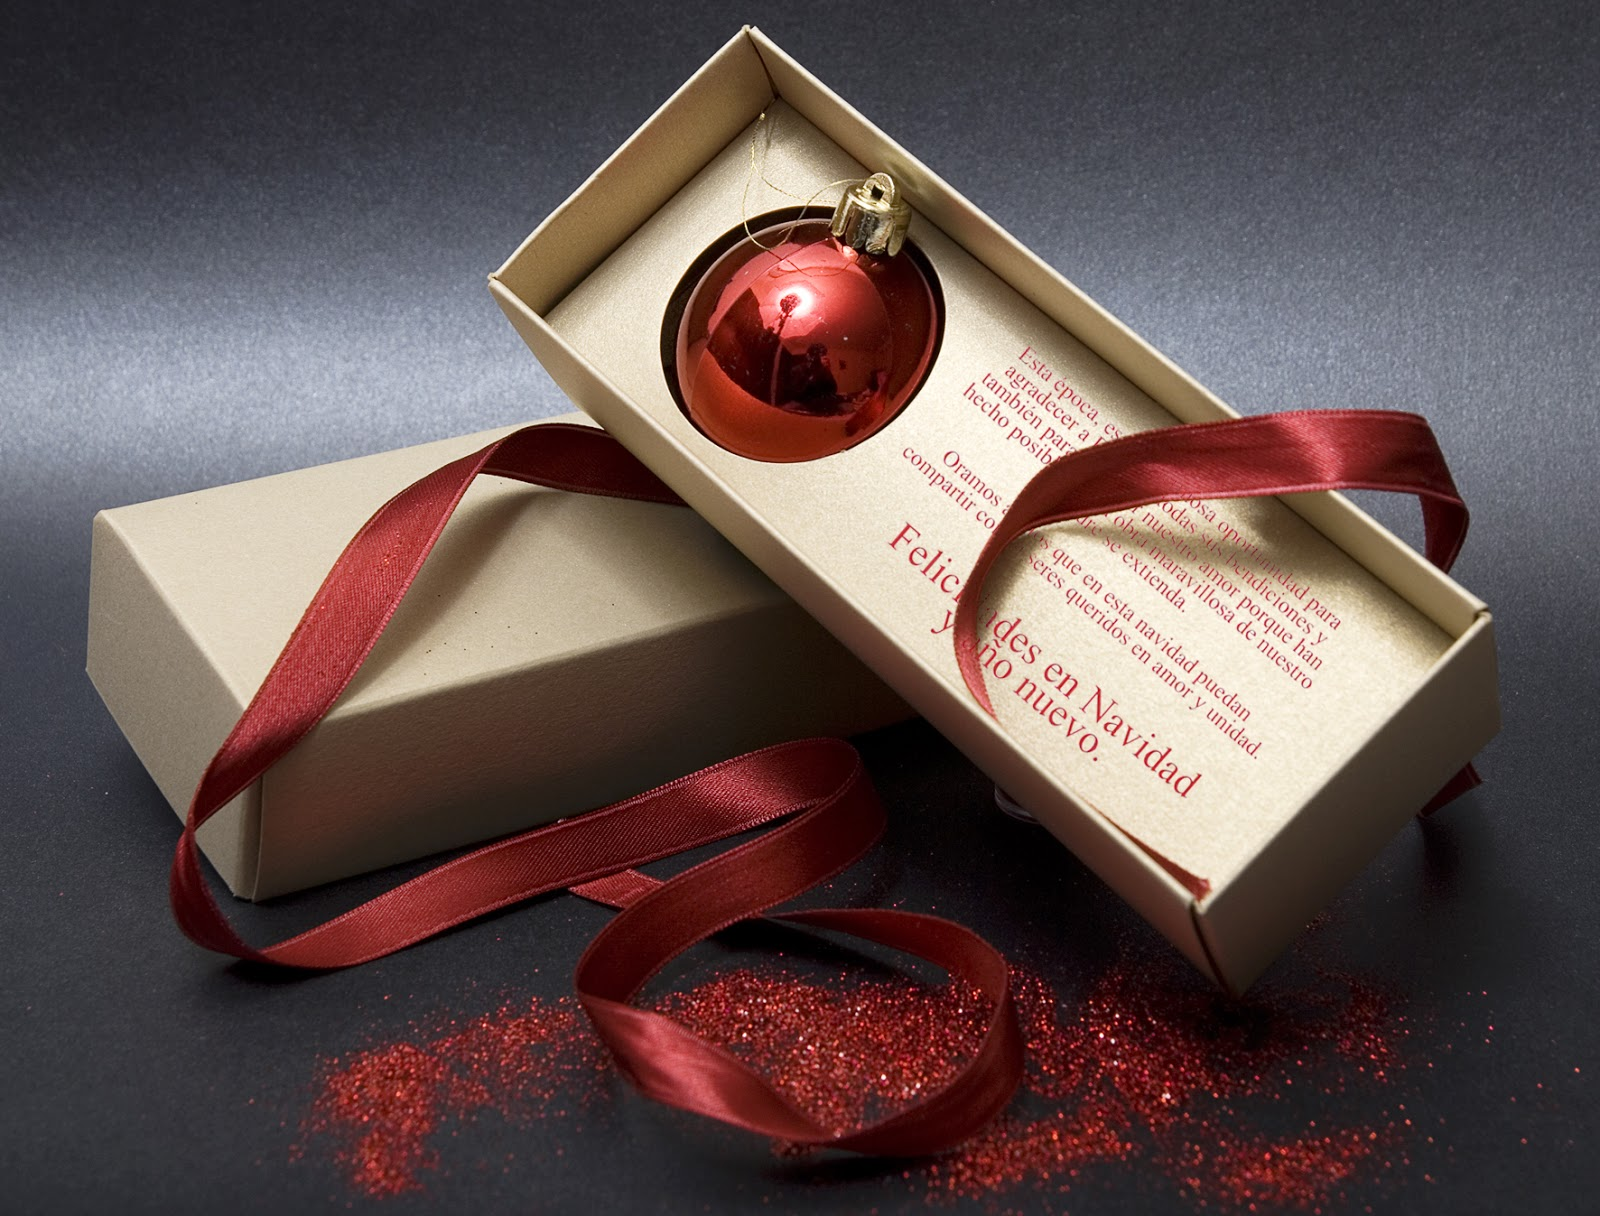 Anteriorsiguiente Fondo Navideño Elegante: Tic-Tac Tarjetas Sociales: Navidad: Regalá Felicidad Junto